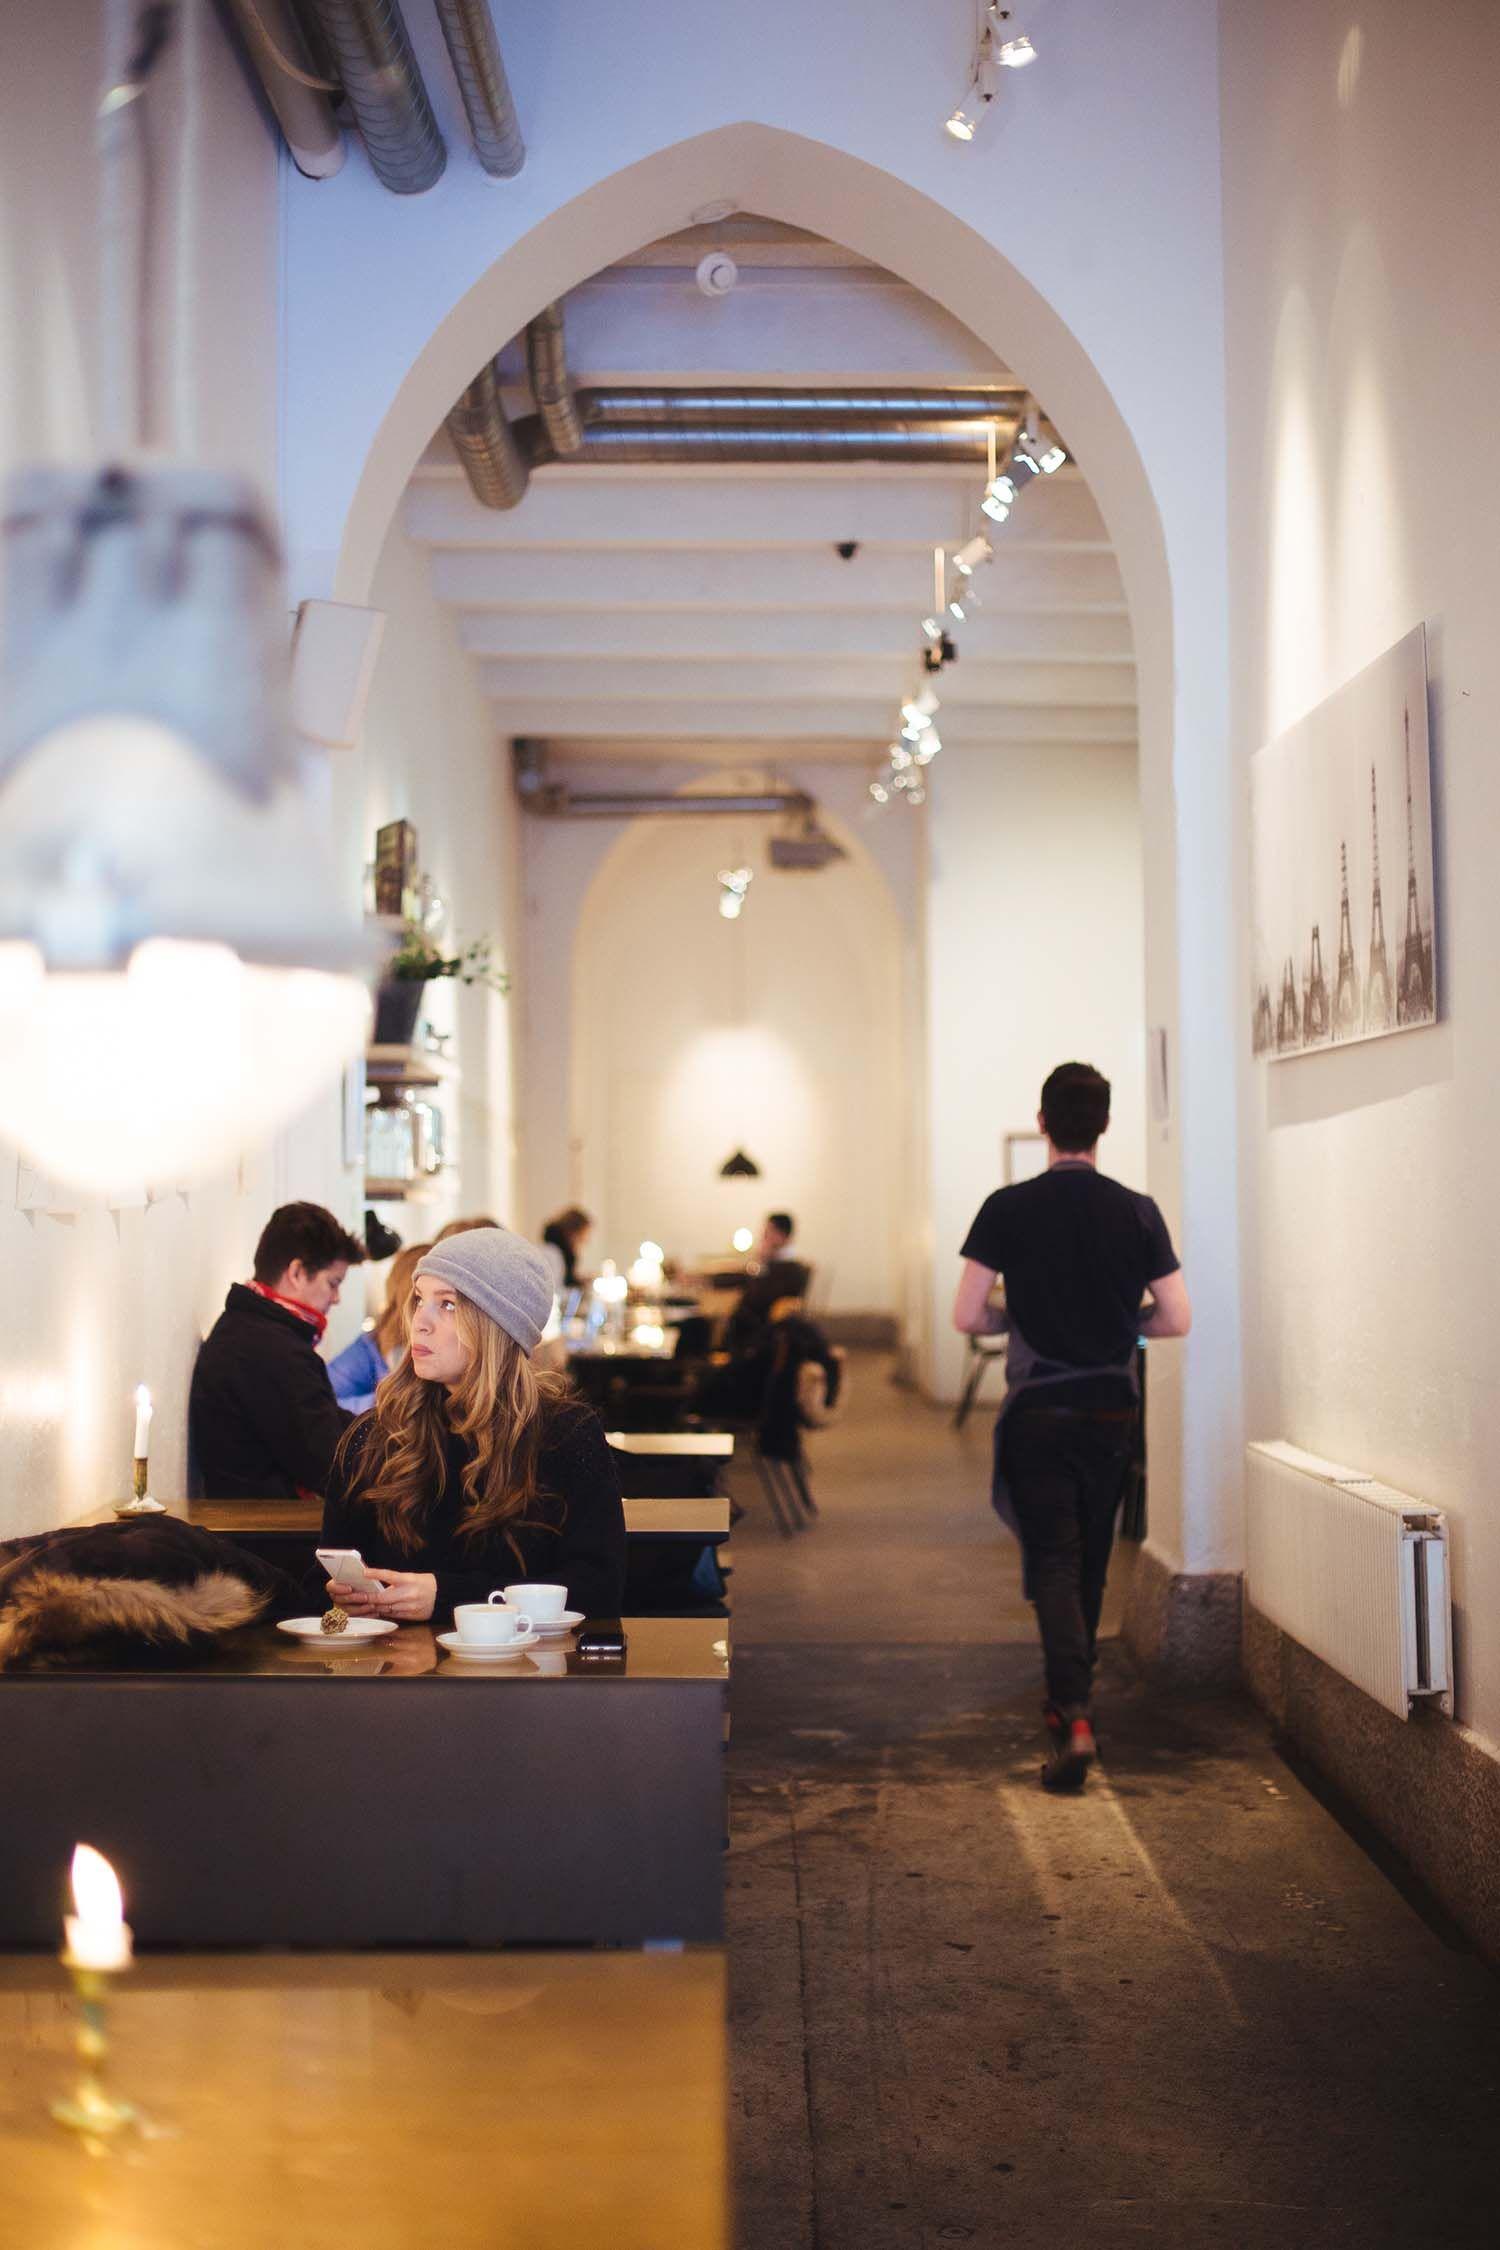 Diseno de interiores para restaurantes